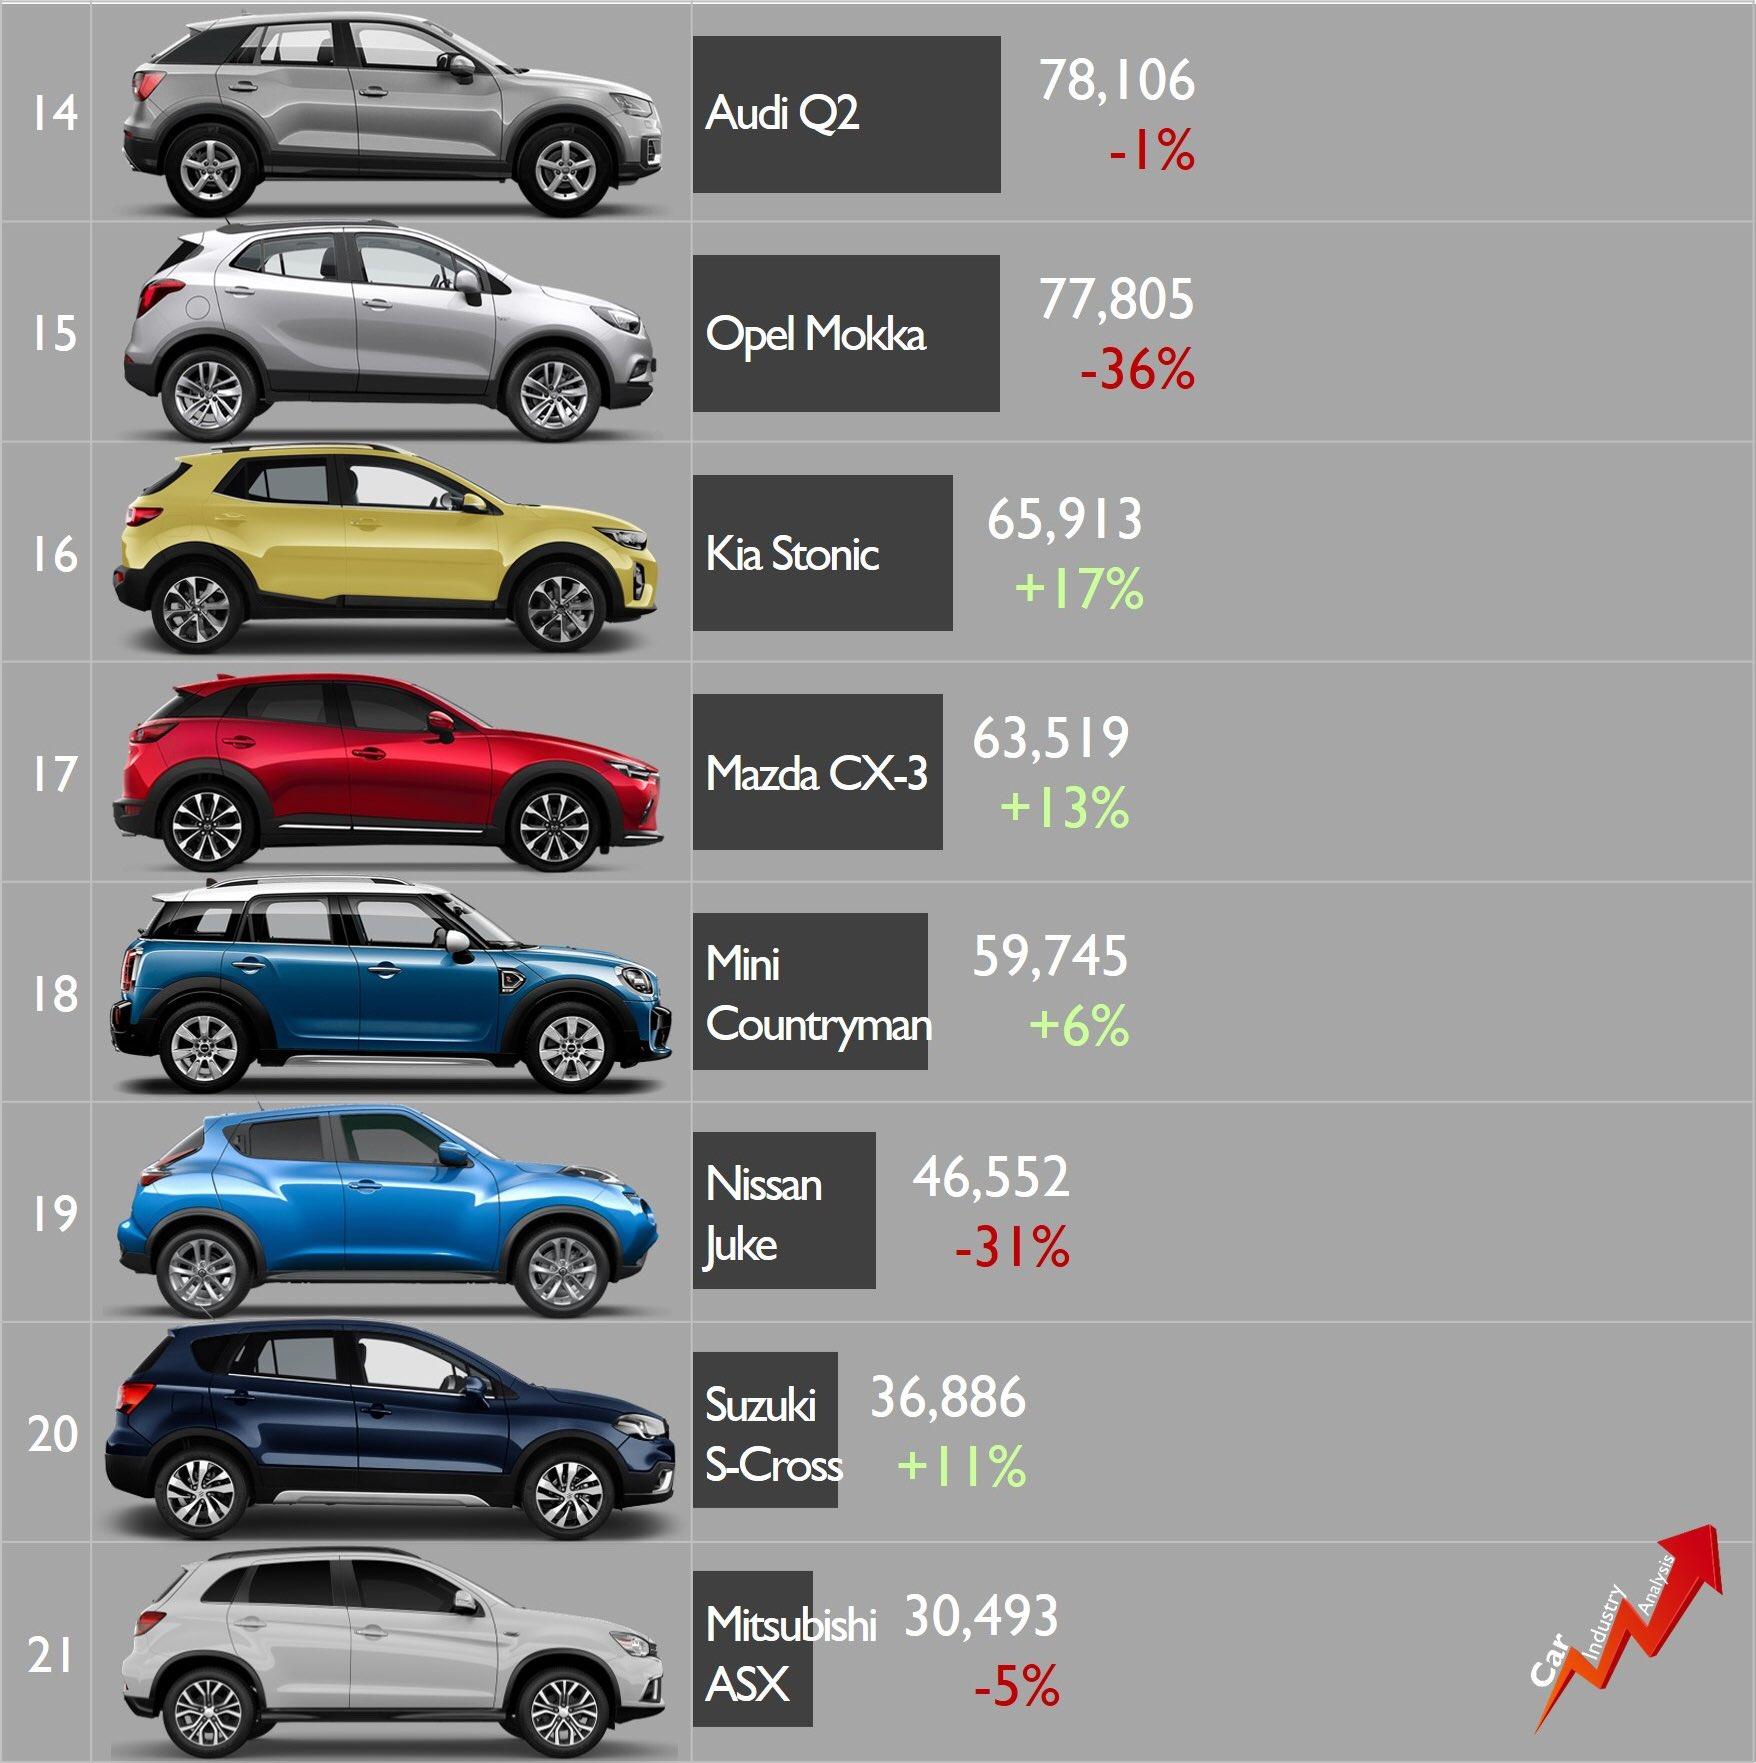 [Statistiques] Par ici les chiffres - Page 29 EPngbodWAAE1UKb?format=jpg&name=large